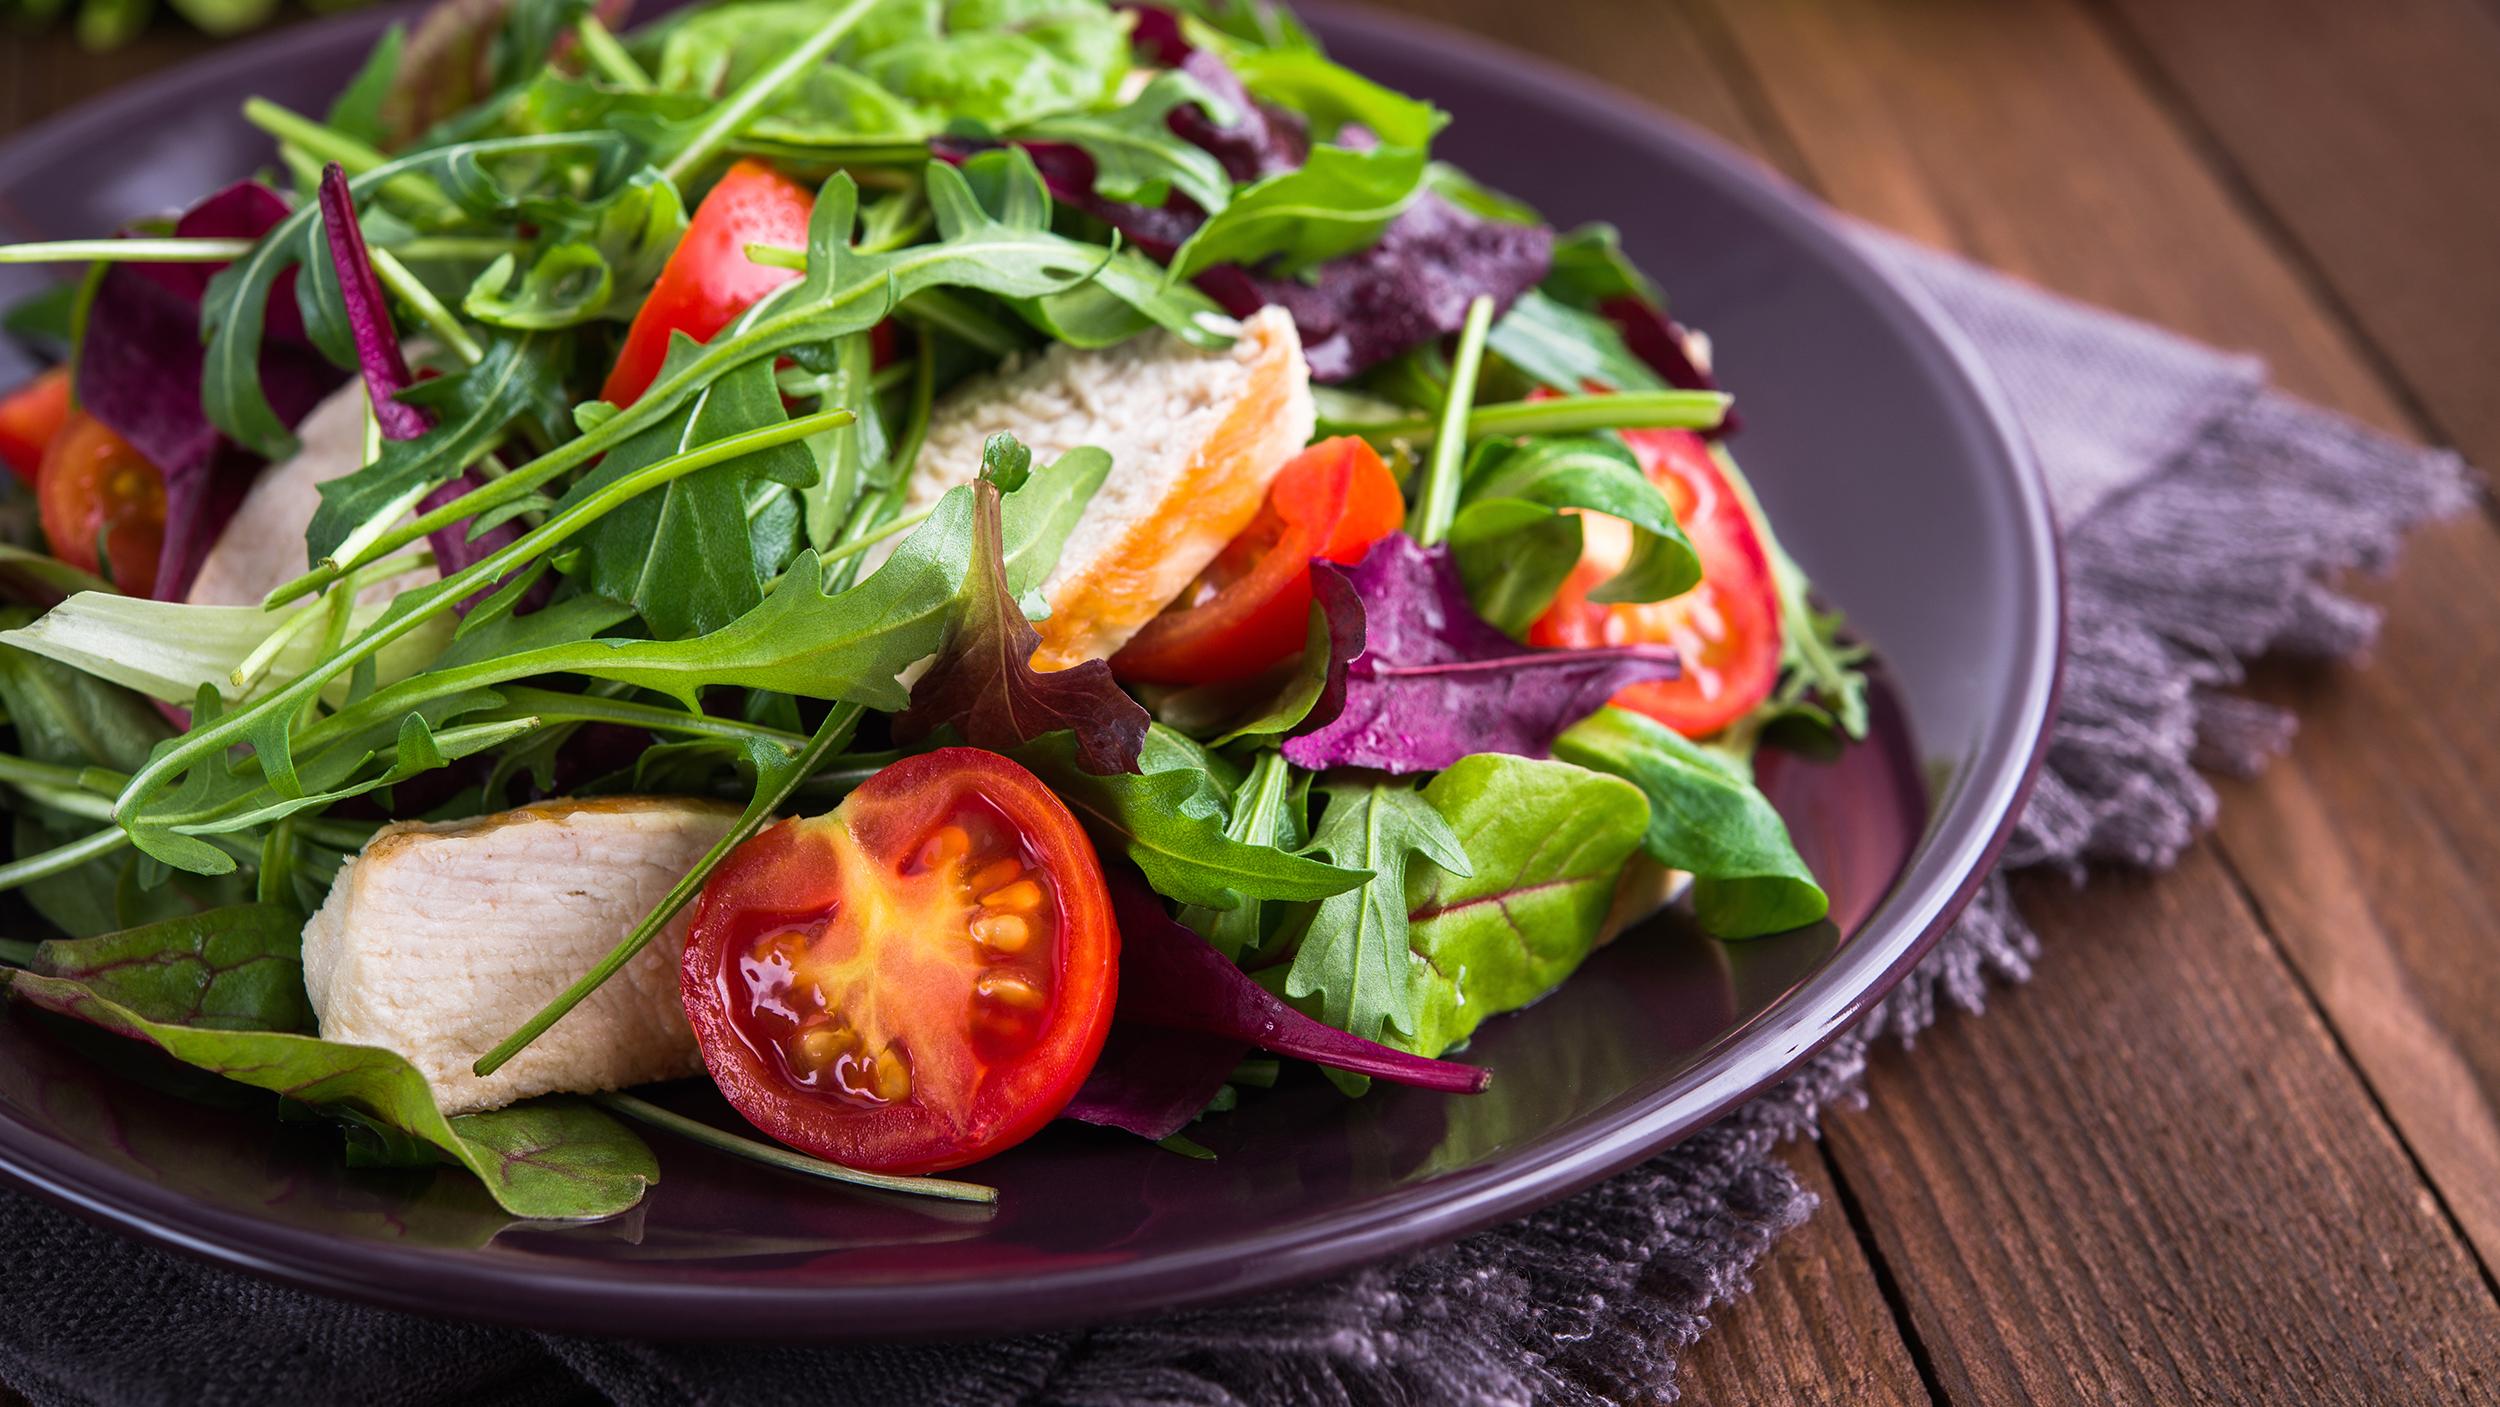 ممنوعات اثناء الدورة الشهرية مهم جداً وكيف تعتني بنفسك وتغذيتك